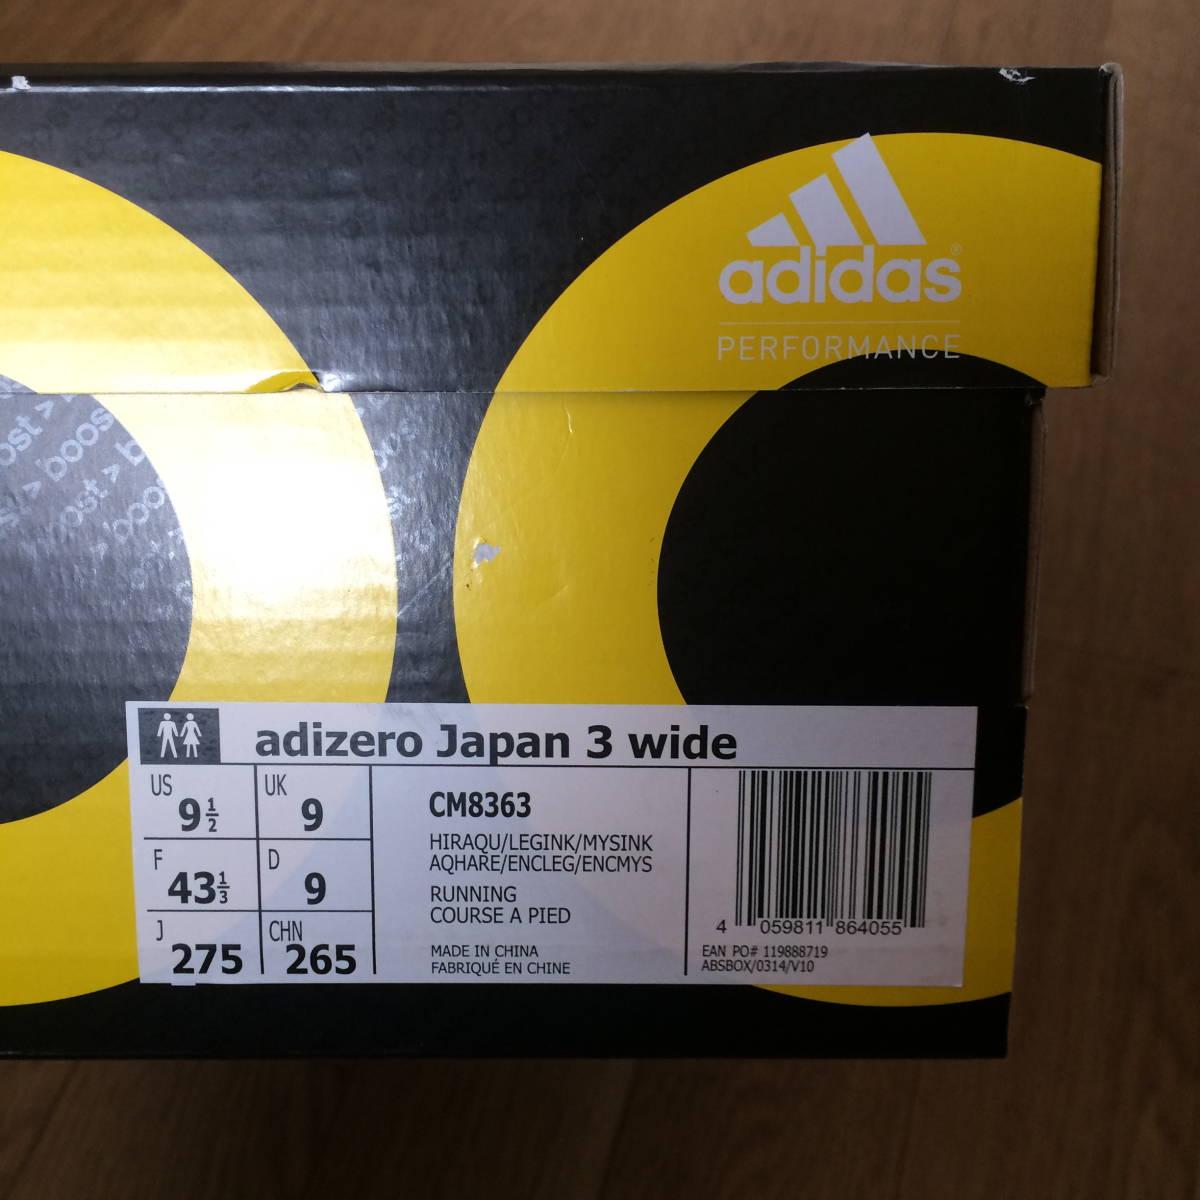 新品【国内正規 27.5cm】adidas adizero Japan 3 WIDE アディダス アディゼロ ジャパン 3 ワイド CM8363 ランニング【即決 即発送】_画像7